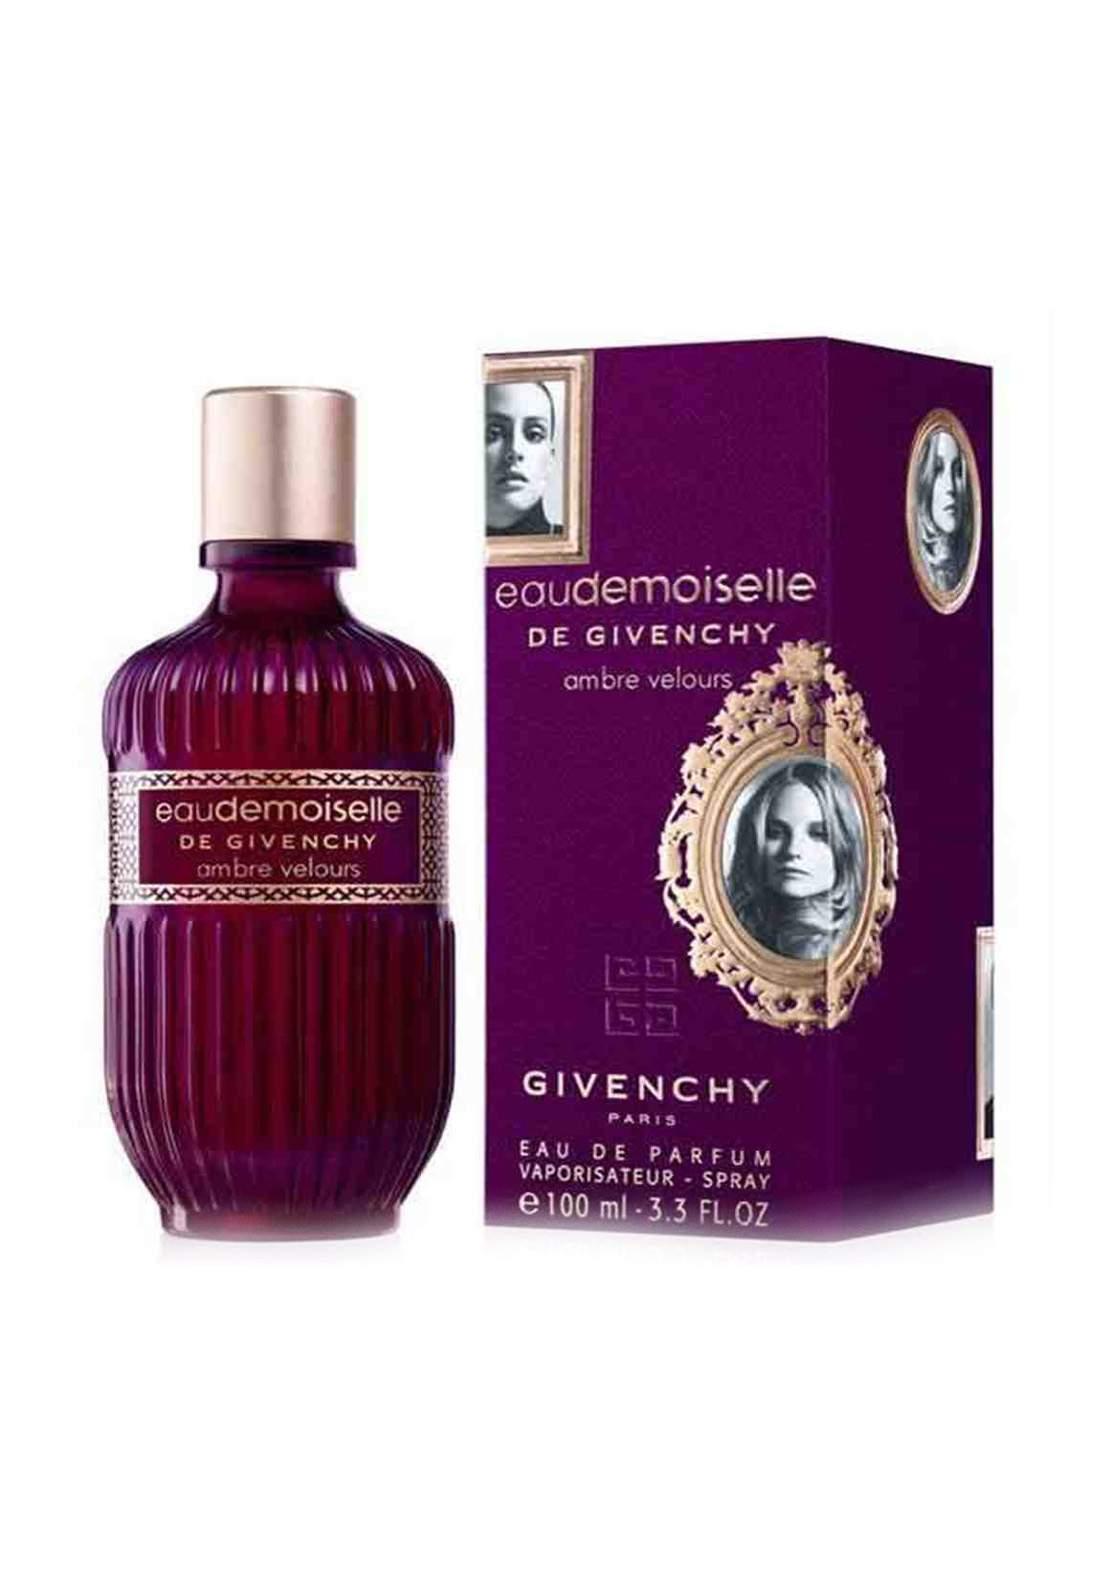 Givenchy  Eaudemoiselle  Ambre  Velours  Edp For Women 100ml  عطر نسائي